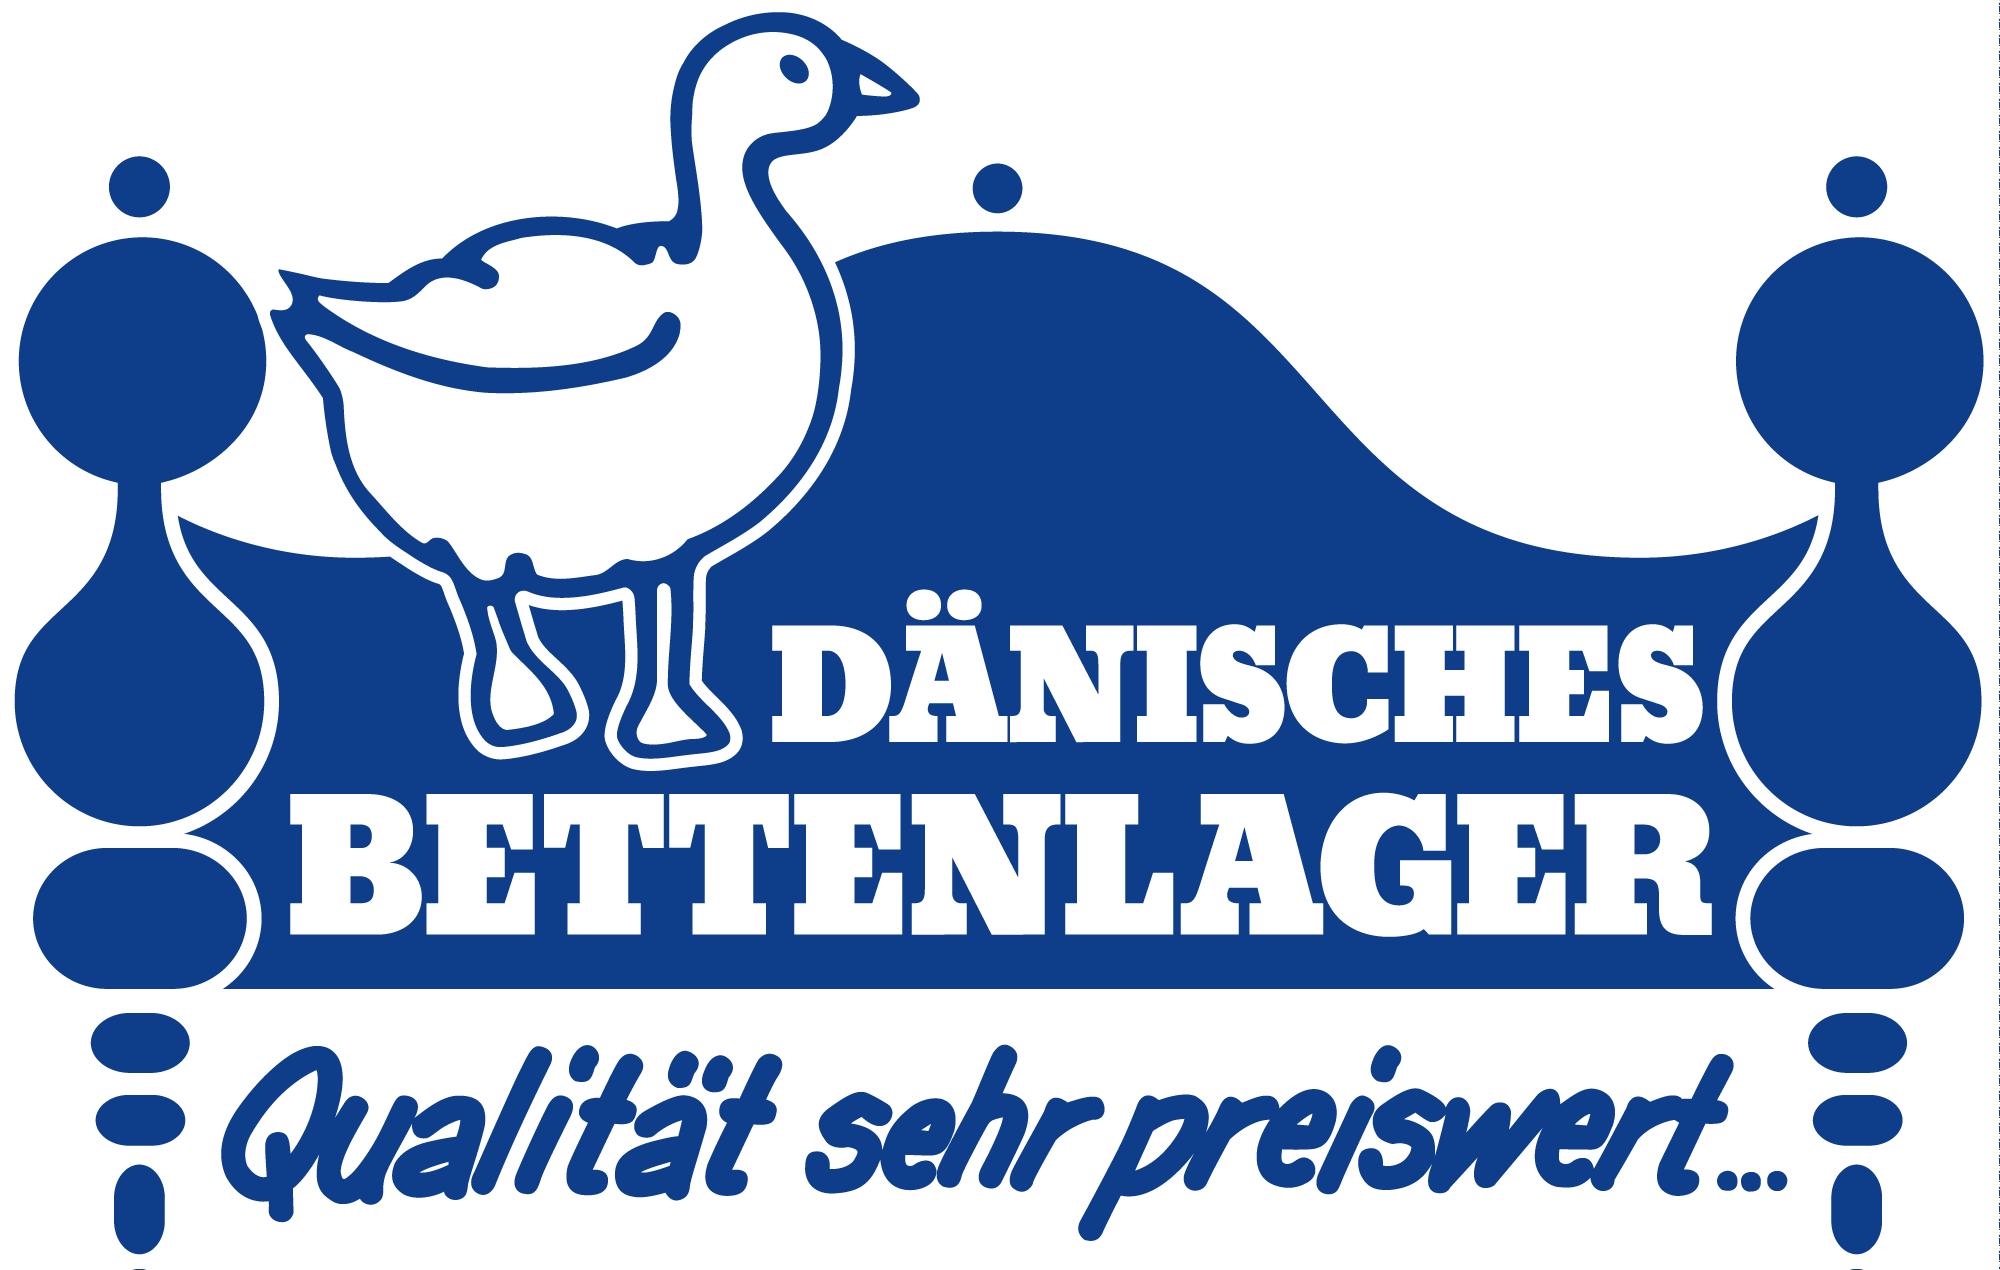 [Dänisches Bettenlager] 25% Rabatt auf alle Kopfkissen